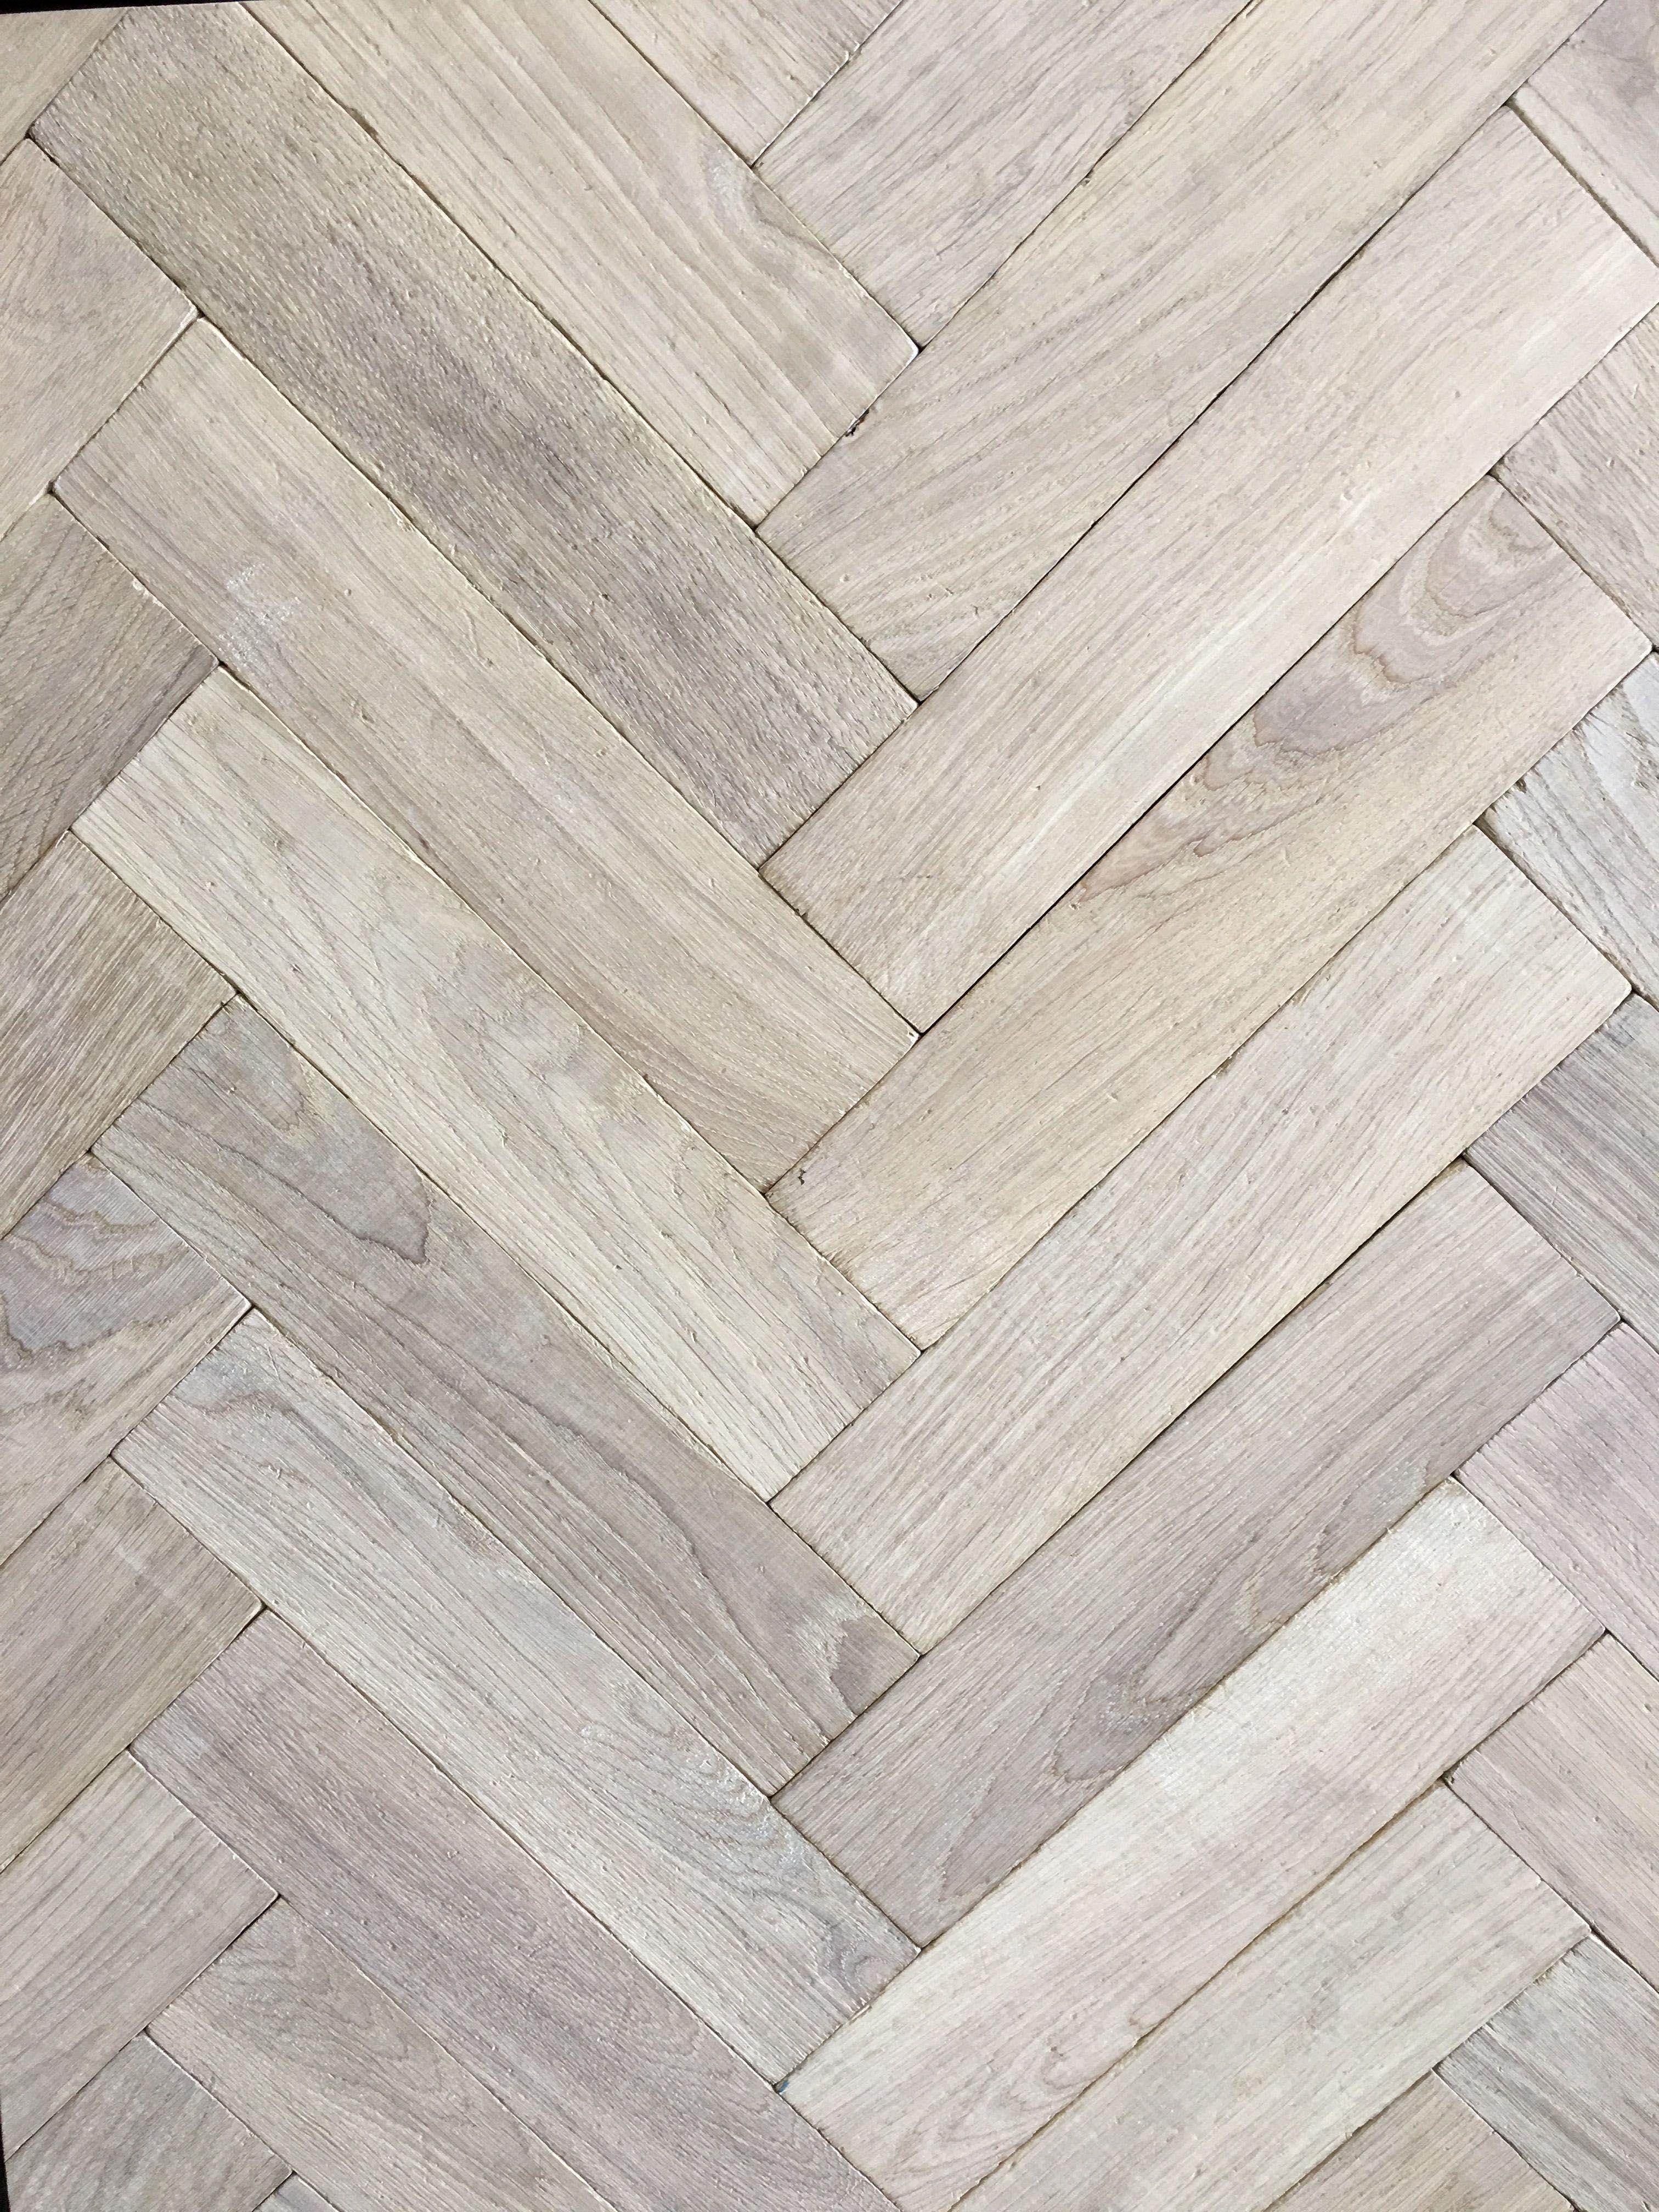 Advantages White Oak Hardwood Flooring Floors Solid Wood Herringbone